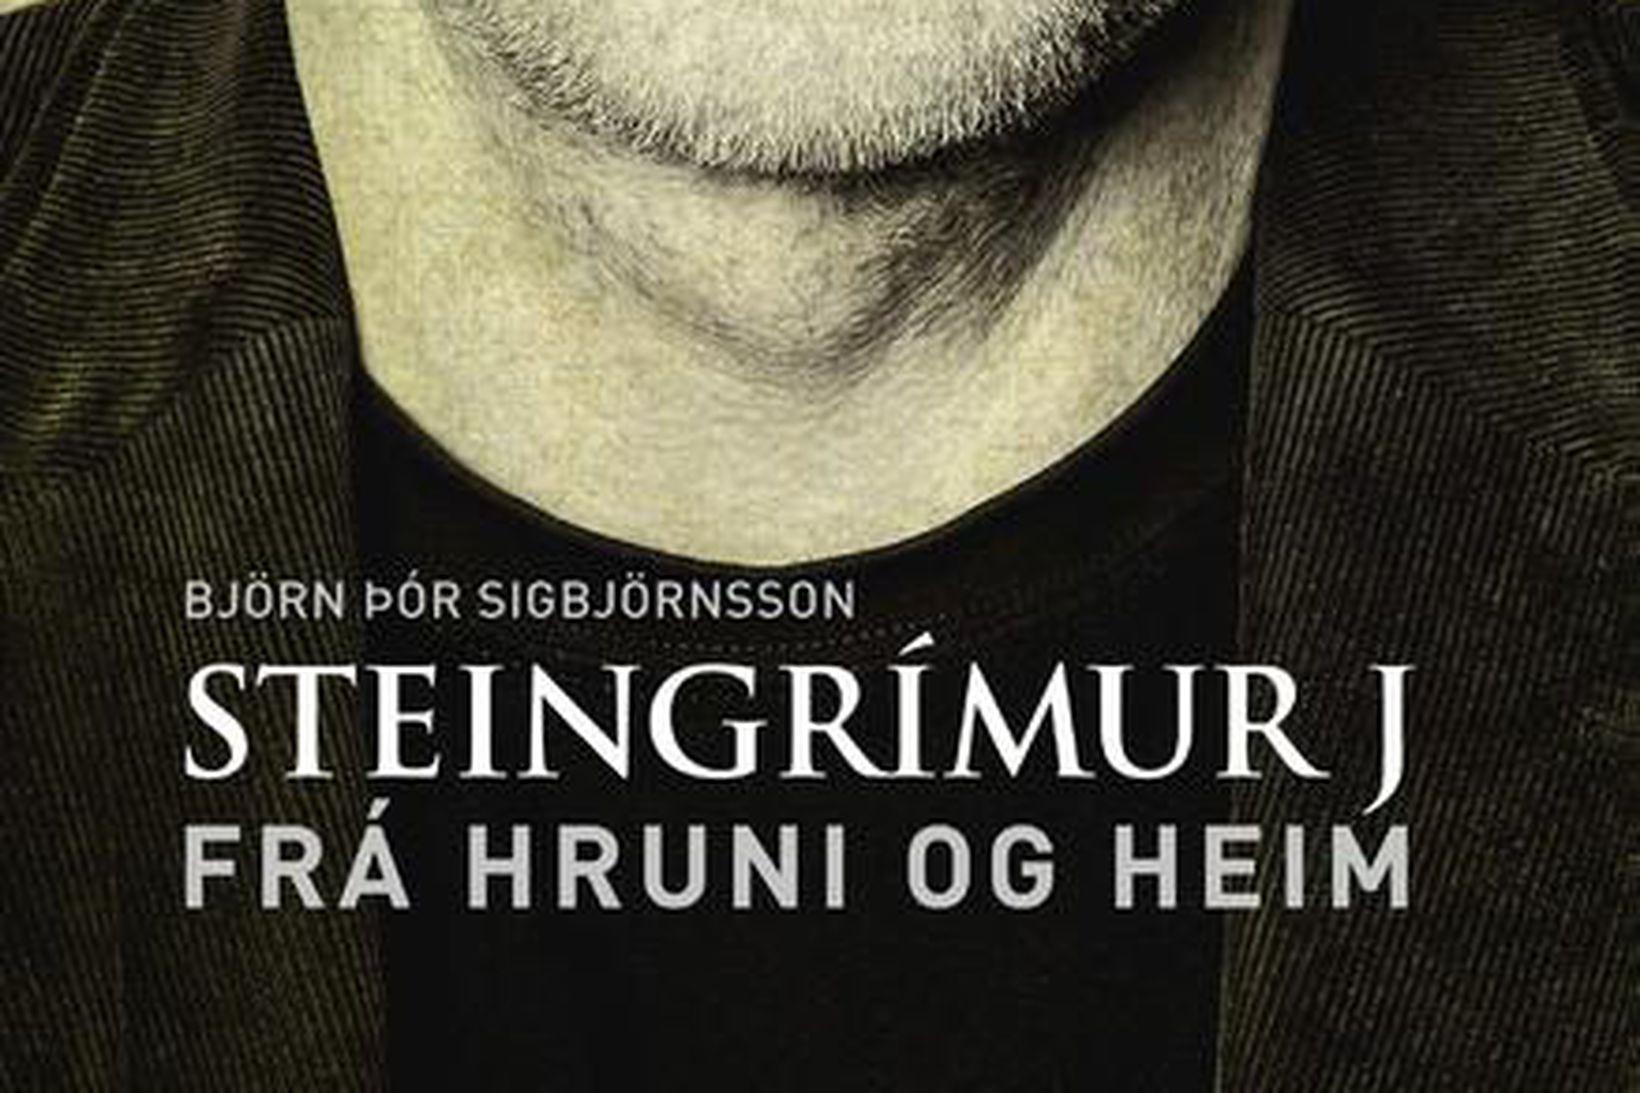 Kápa bókarinnar Steingrímur J. - Frá hruni og heim.